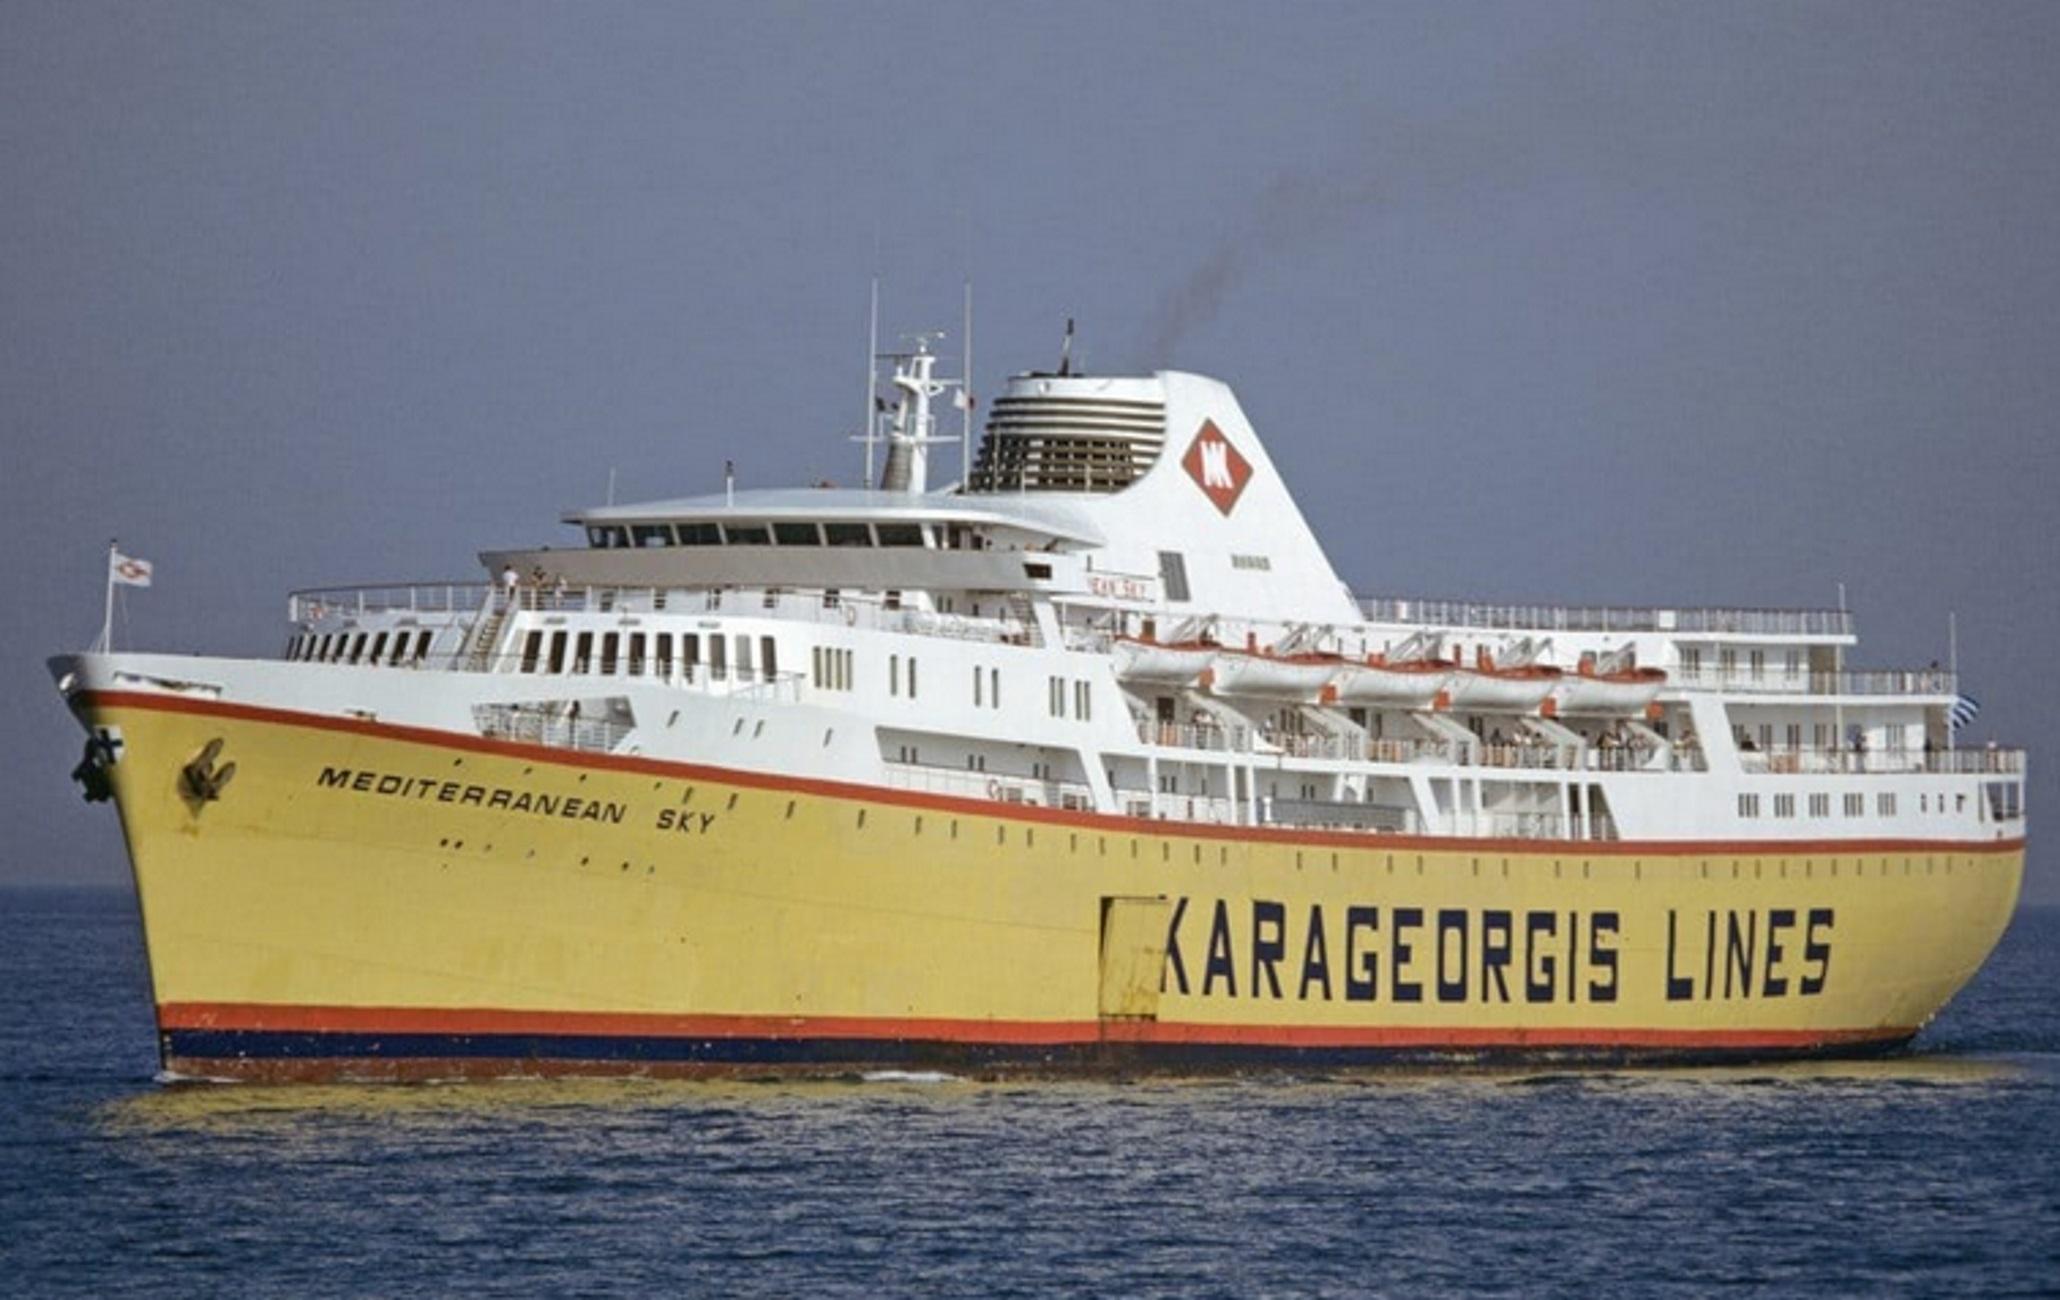 Πάτρα: Το θρυλικό «Mediterranean Sky» στο λιμάνι της νοσταλγίας – Η ιστορία του πλοίου στο χρόνο